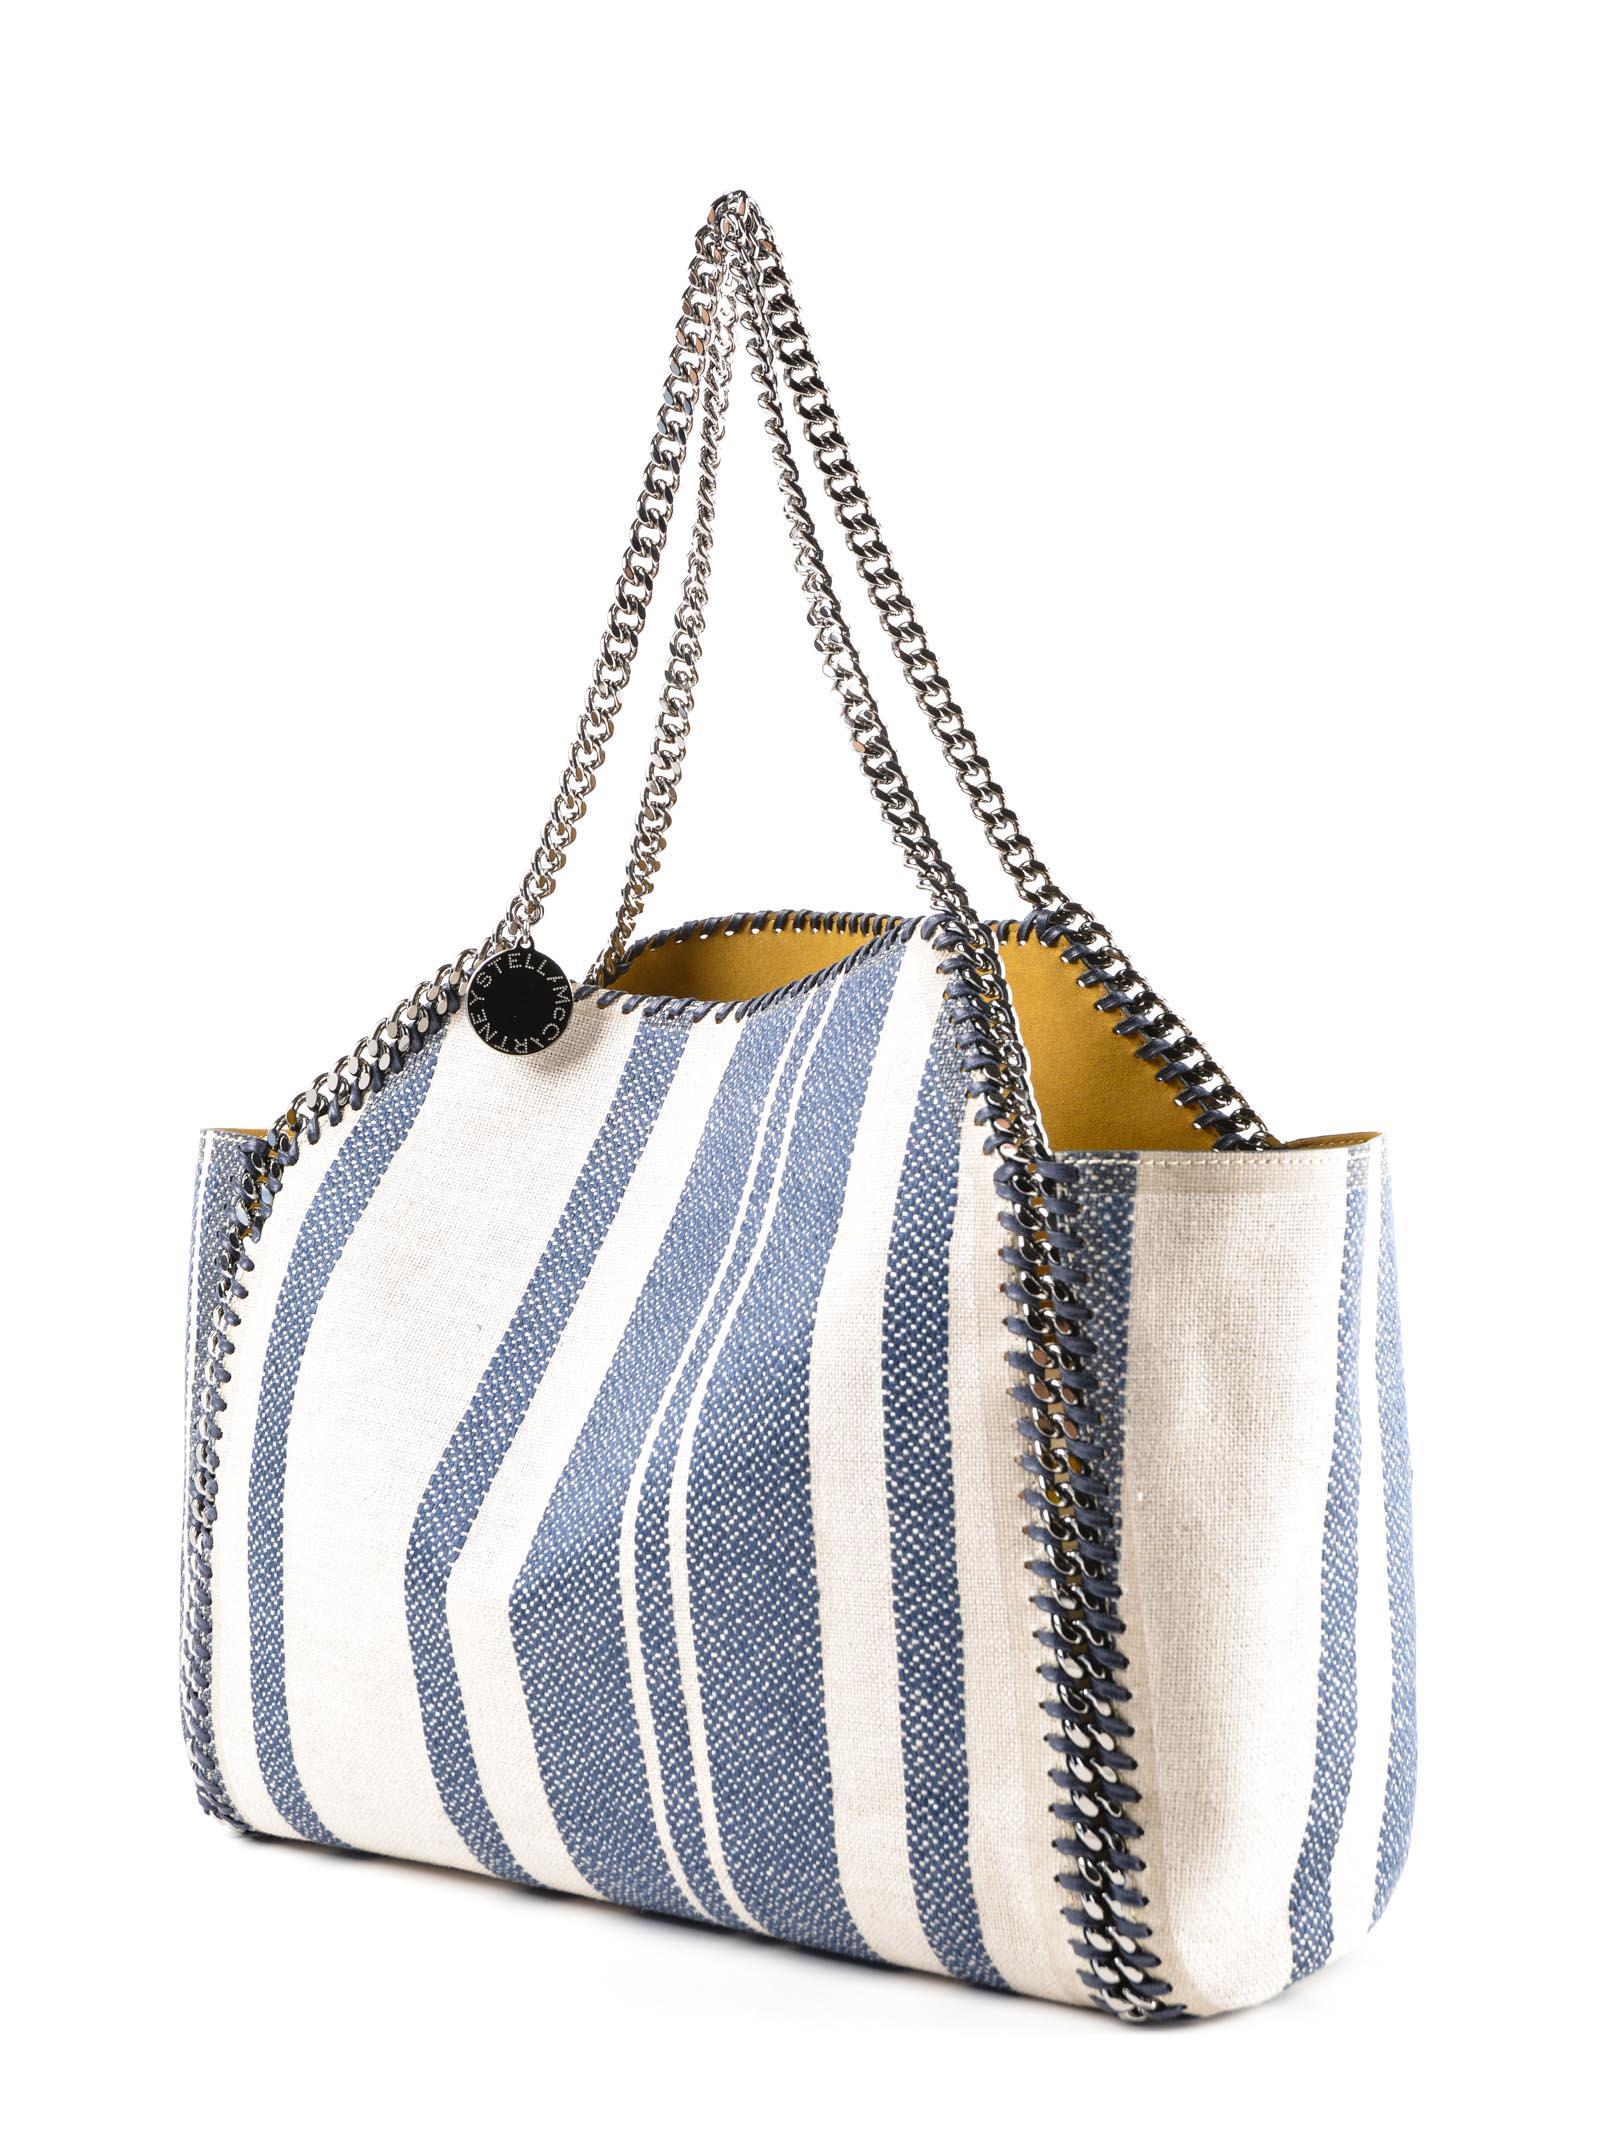 Stella McCartney Linen Striped Small Tote Falabella in Blue